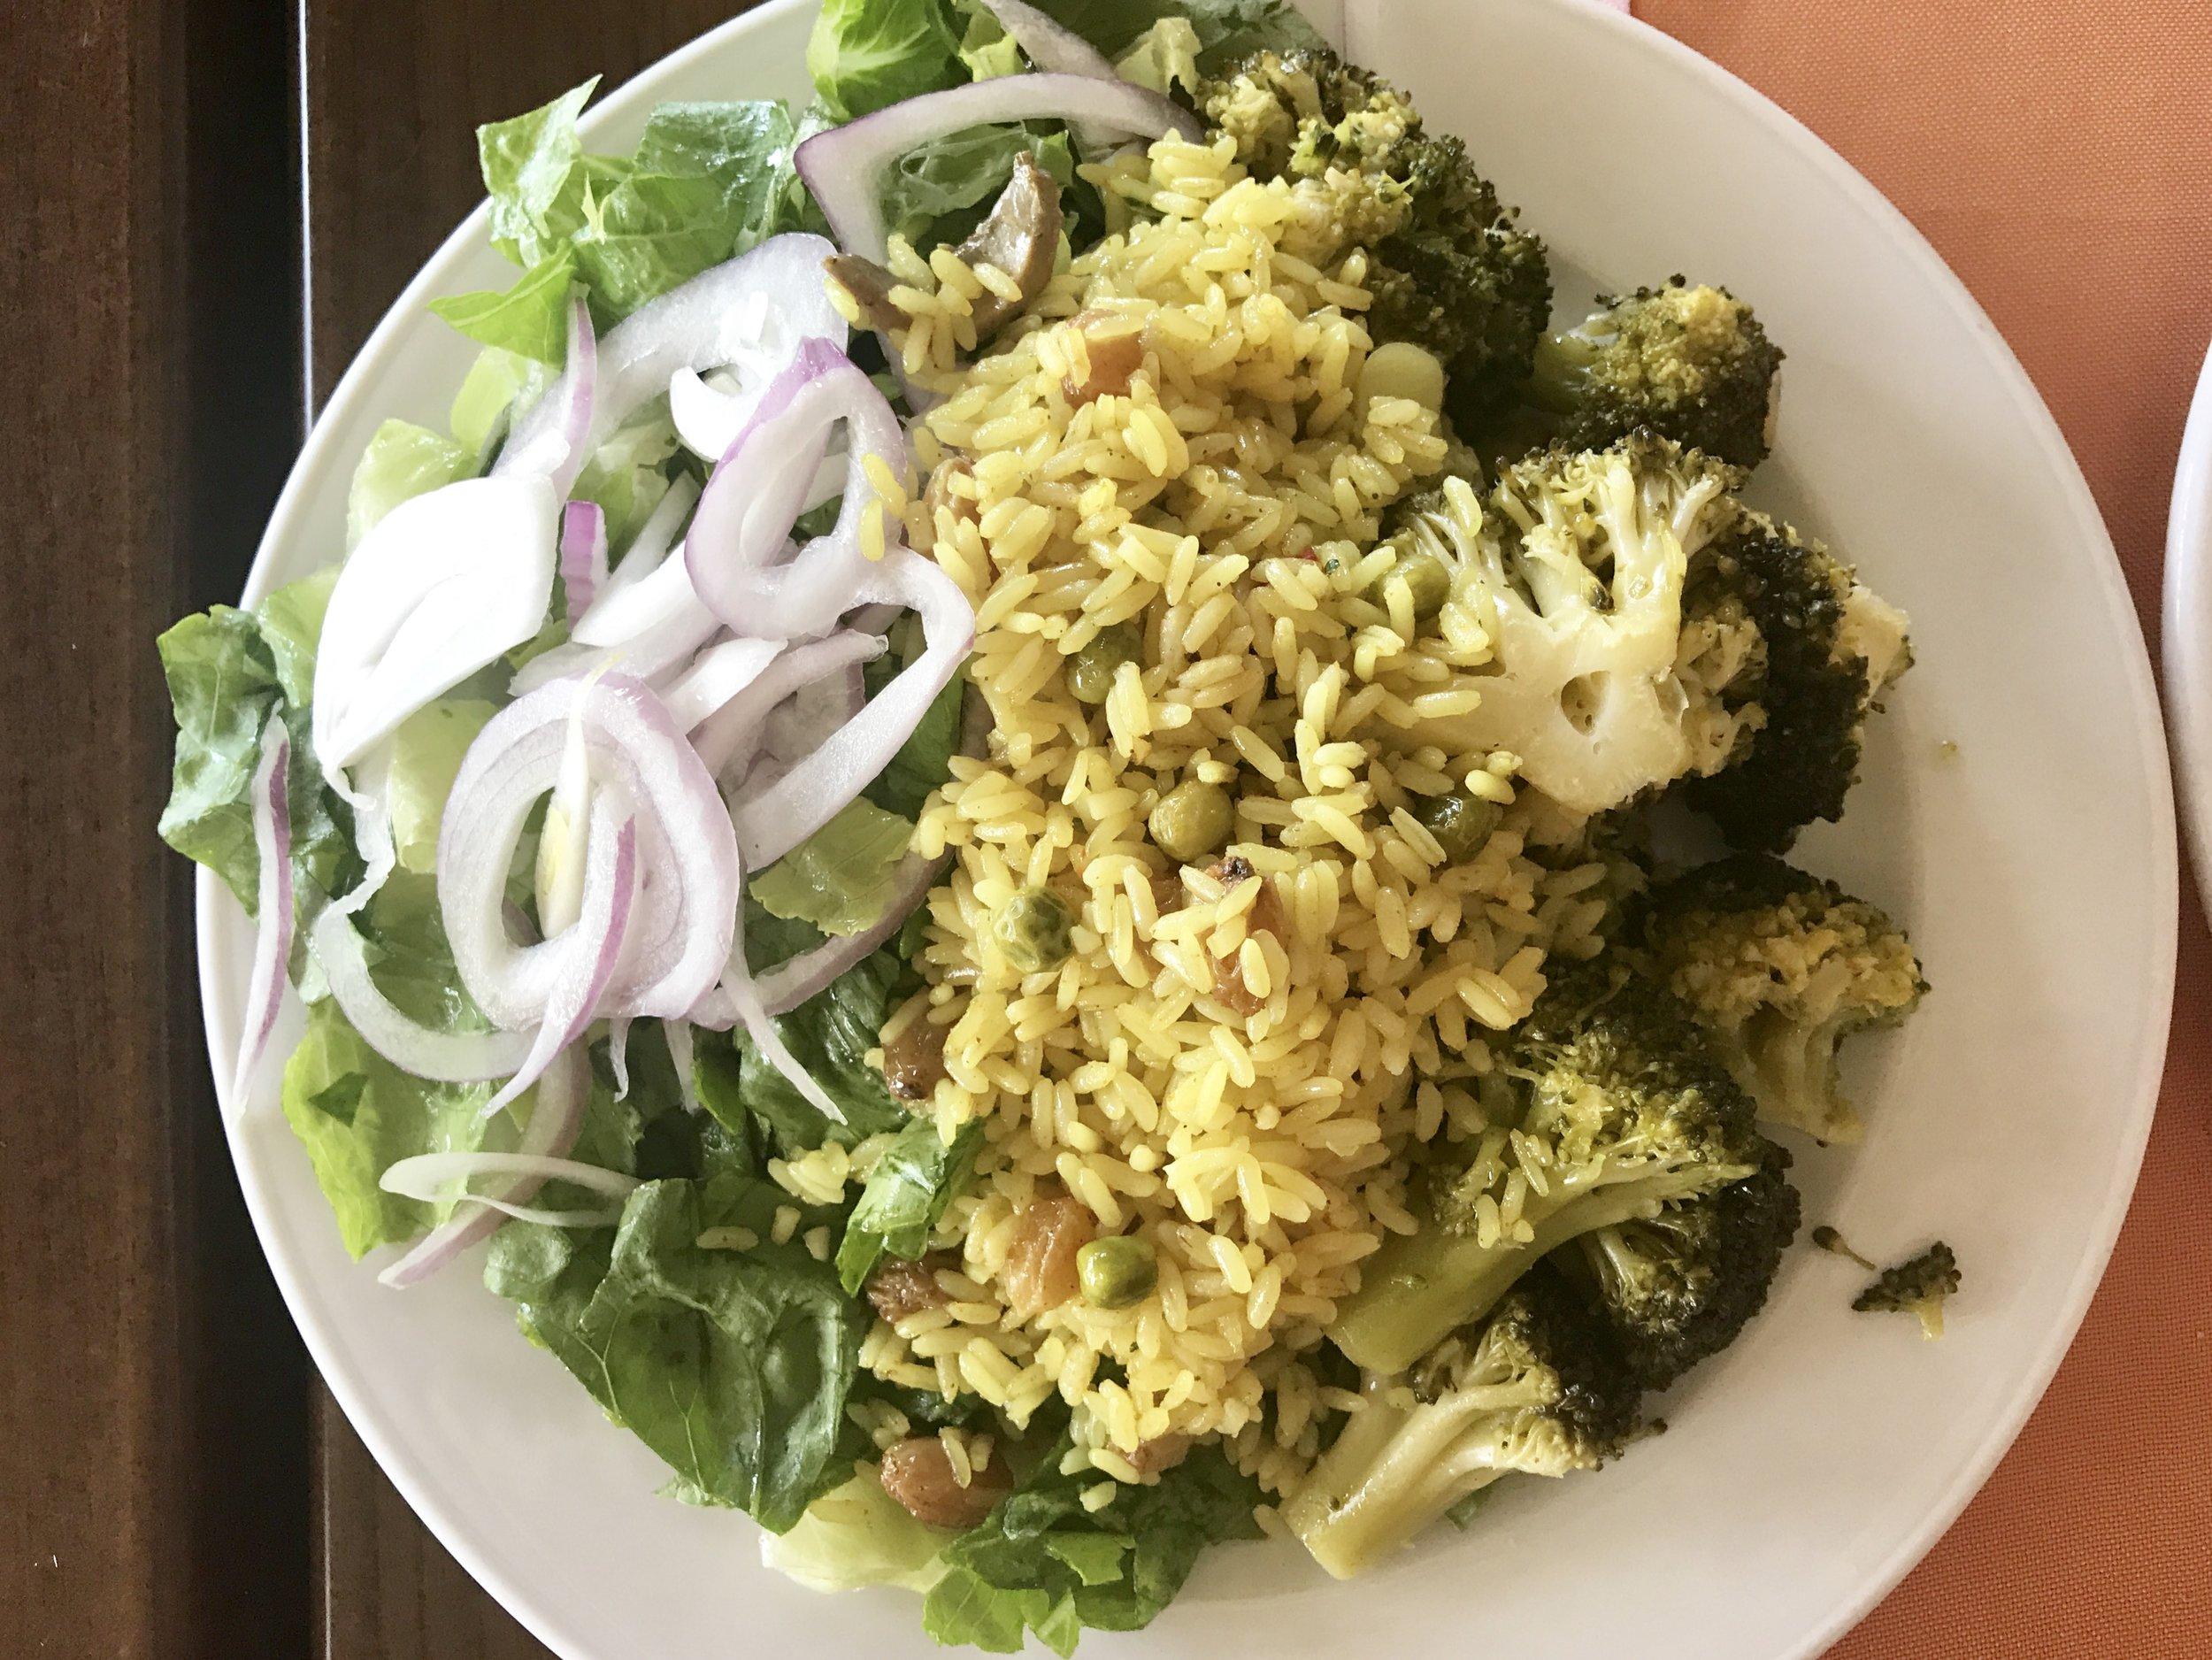 Perään nälän mukaan lisää salaattia, parsakaalia ja riisiä.